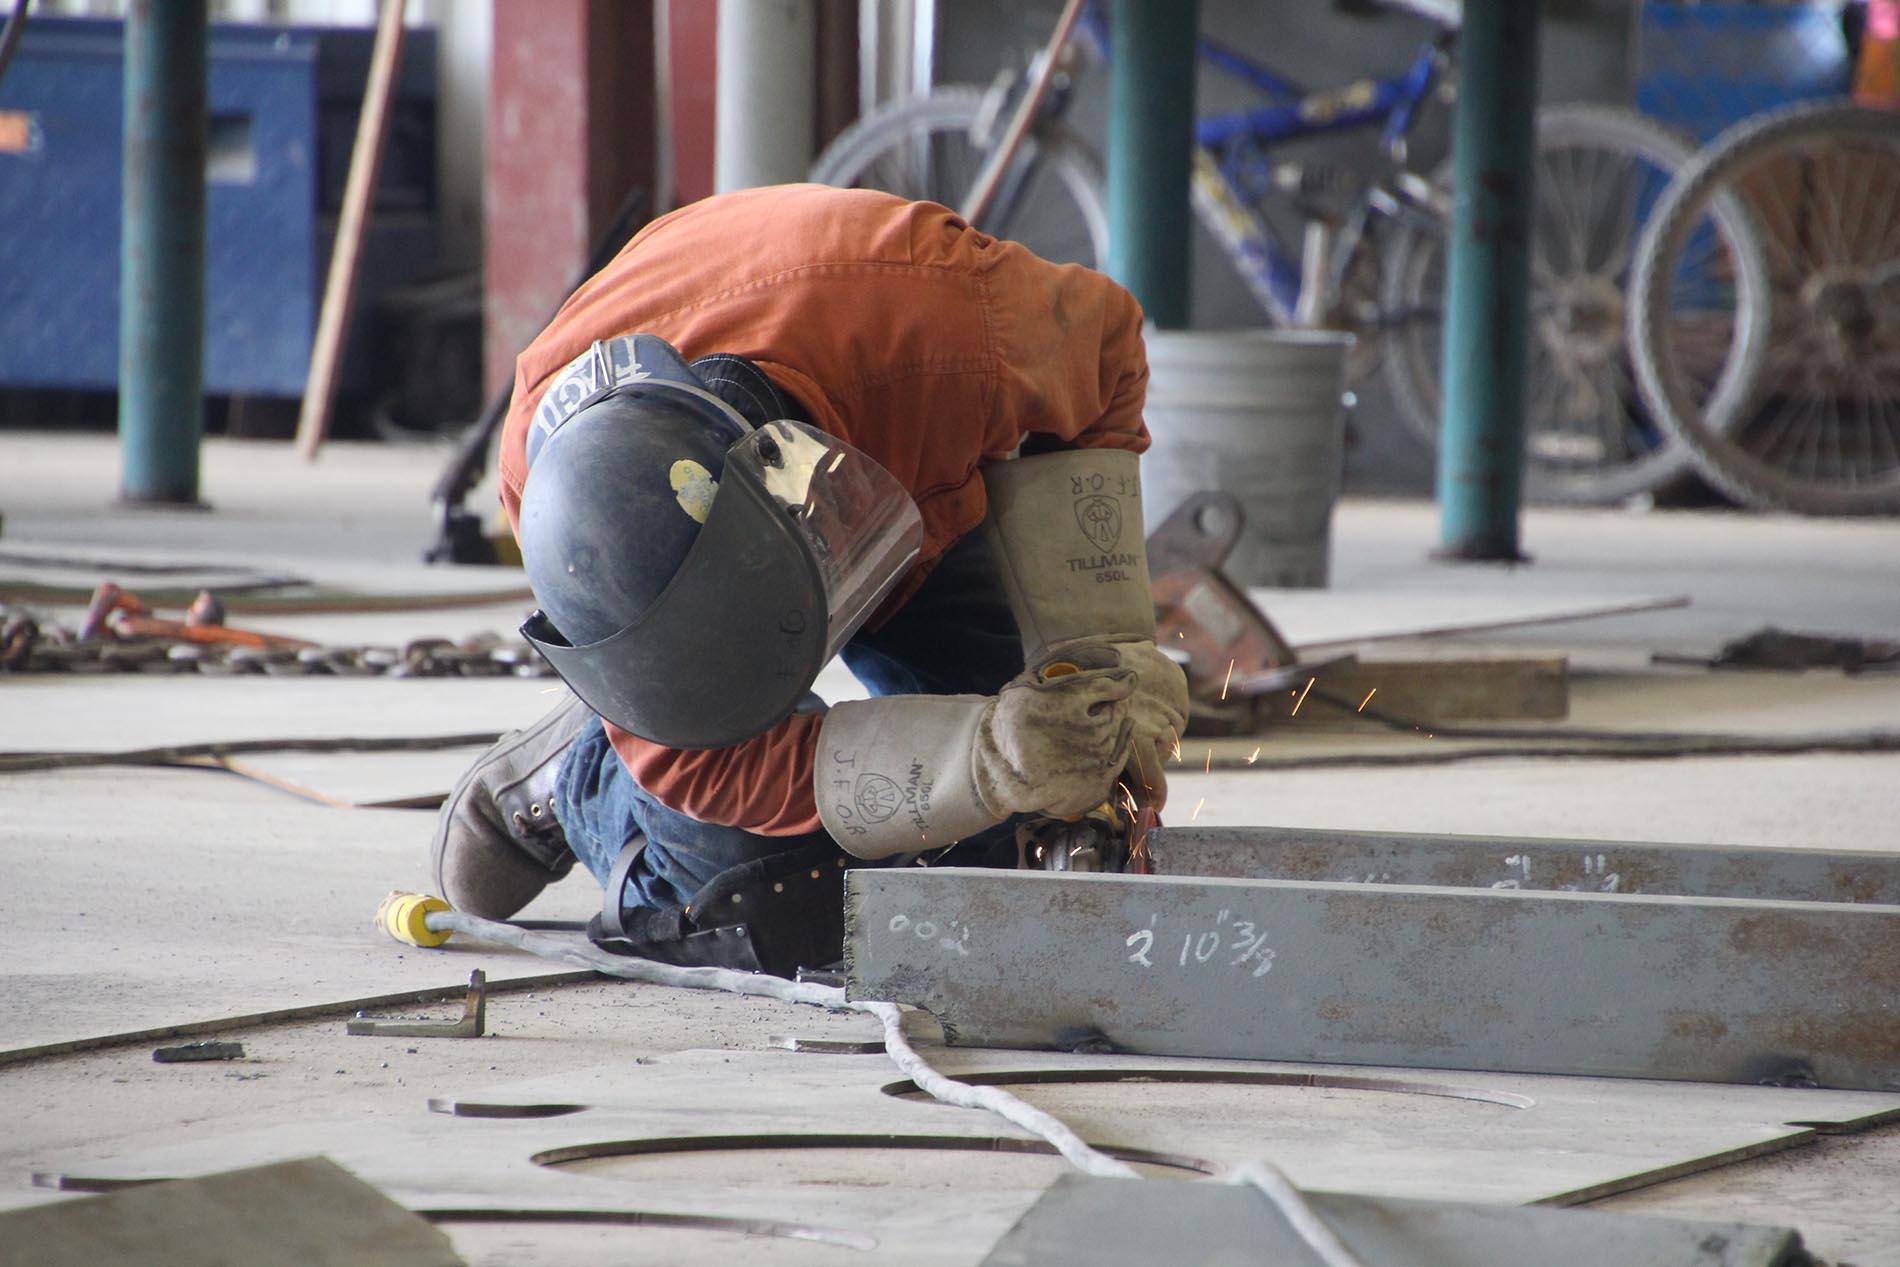 Worker kneeling